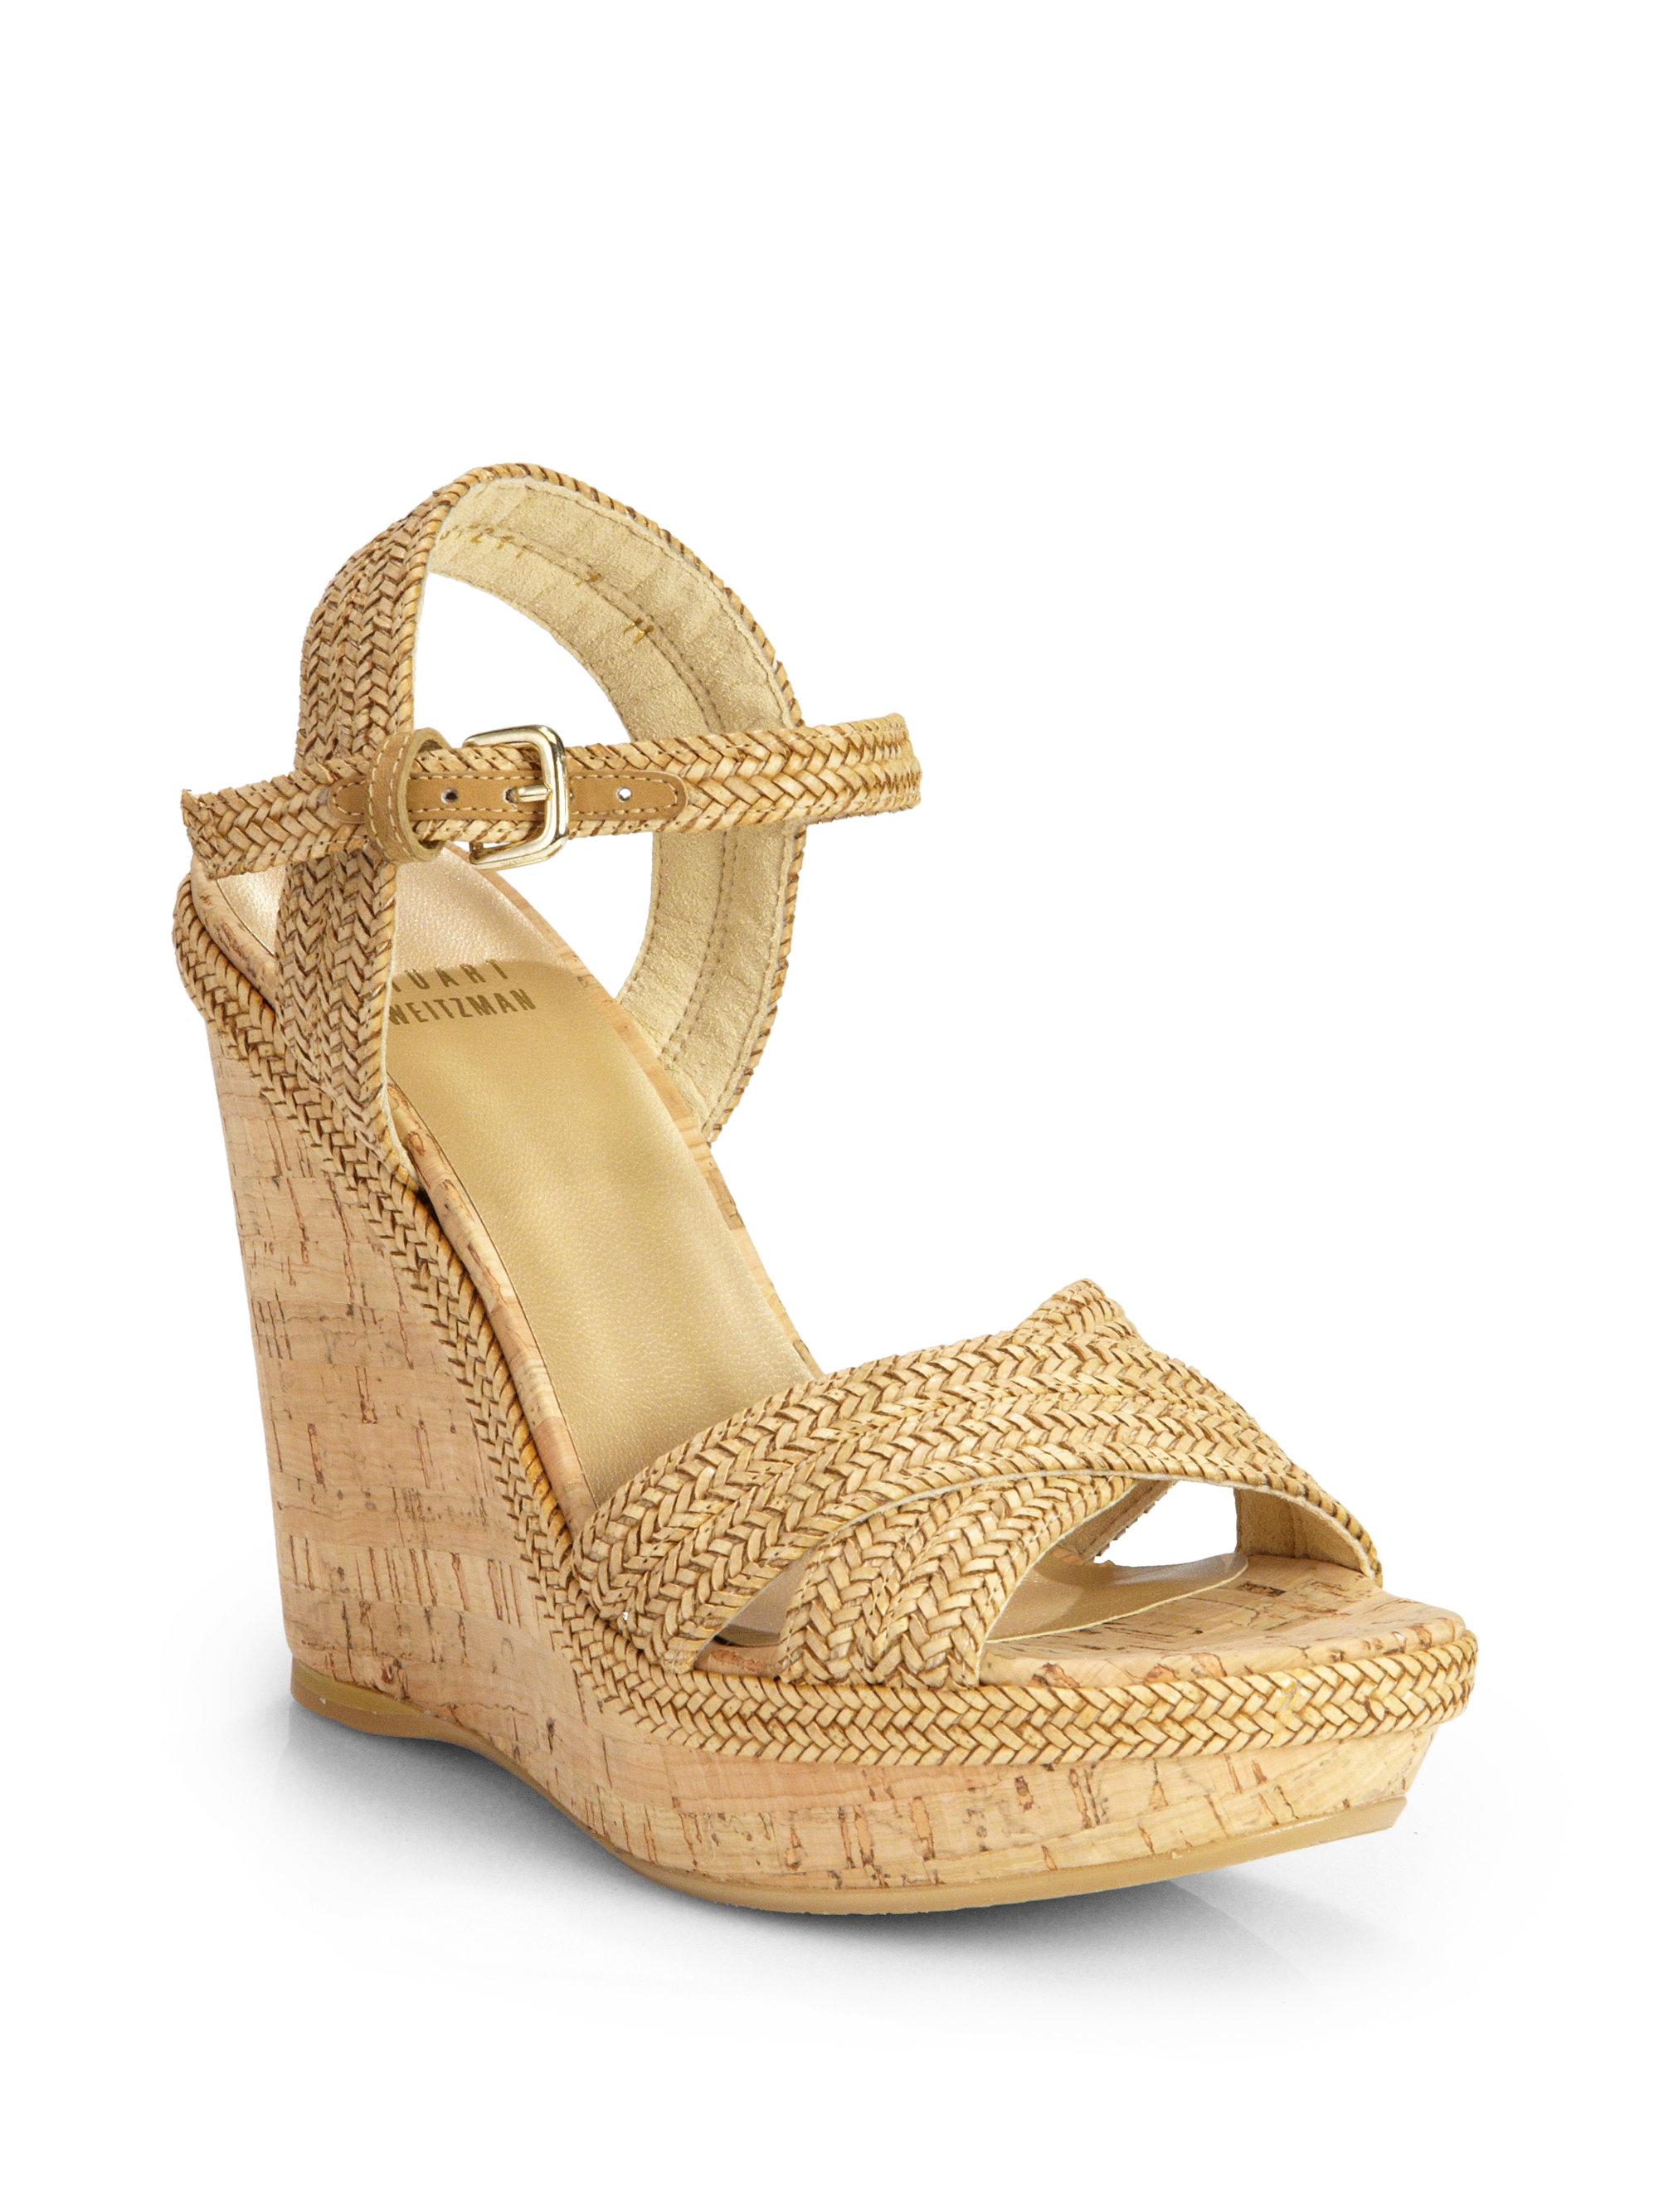 Lyst Stuart Weitzman Minx Espadrille Cork Wedge Sandals